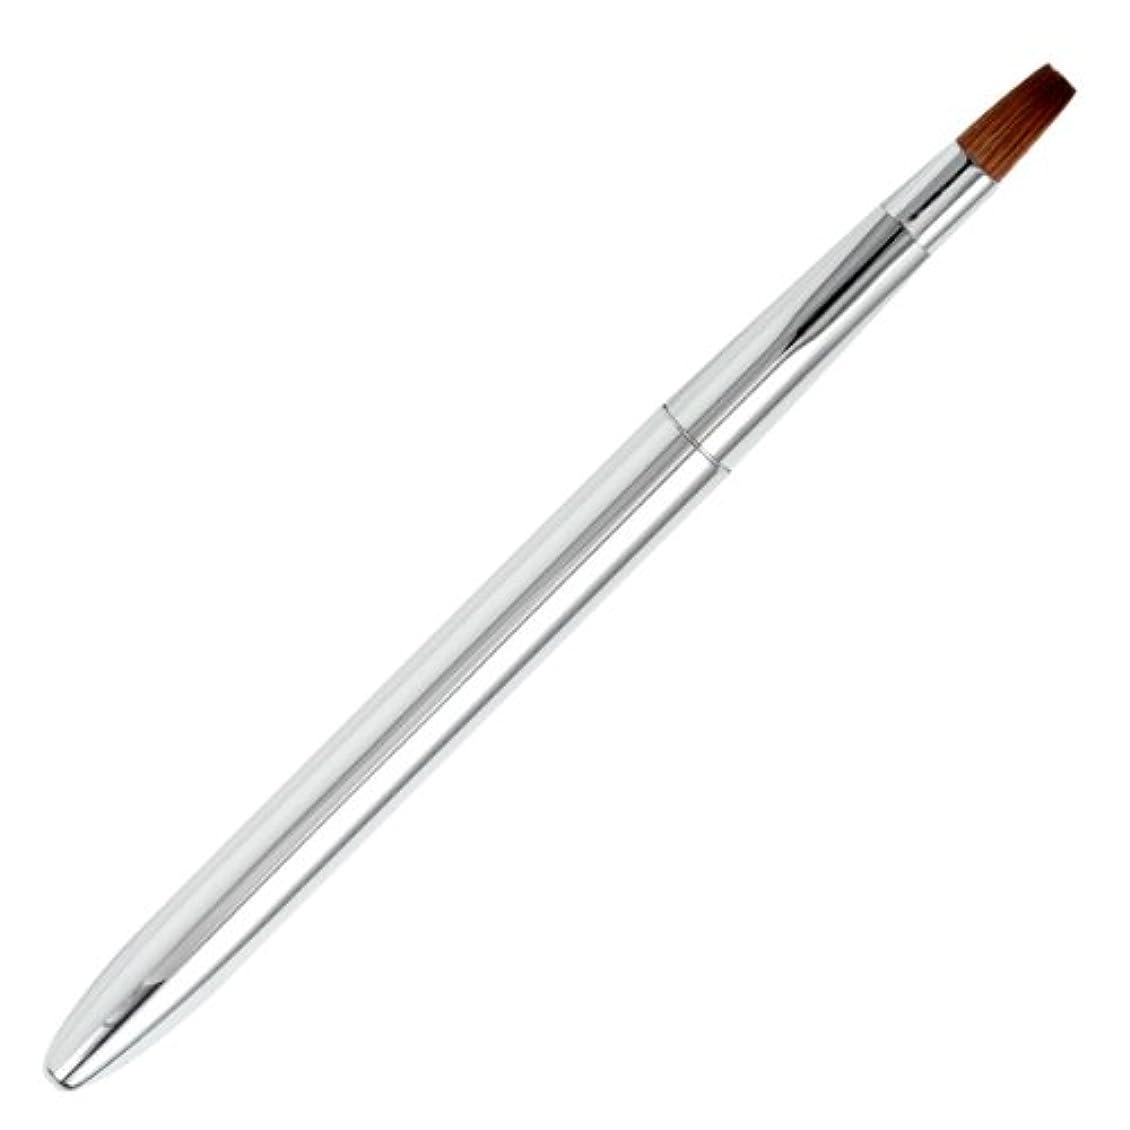 その後夏弾薬広島熊野筆 オートリップブラシ 毛質 イタチ L-1